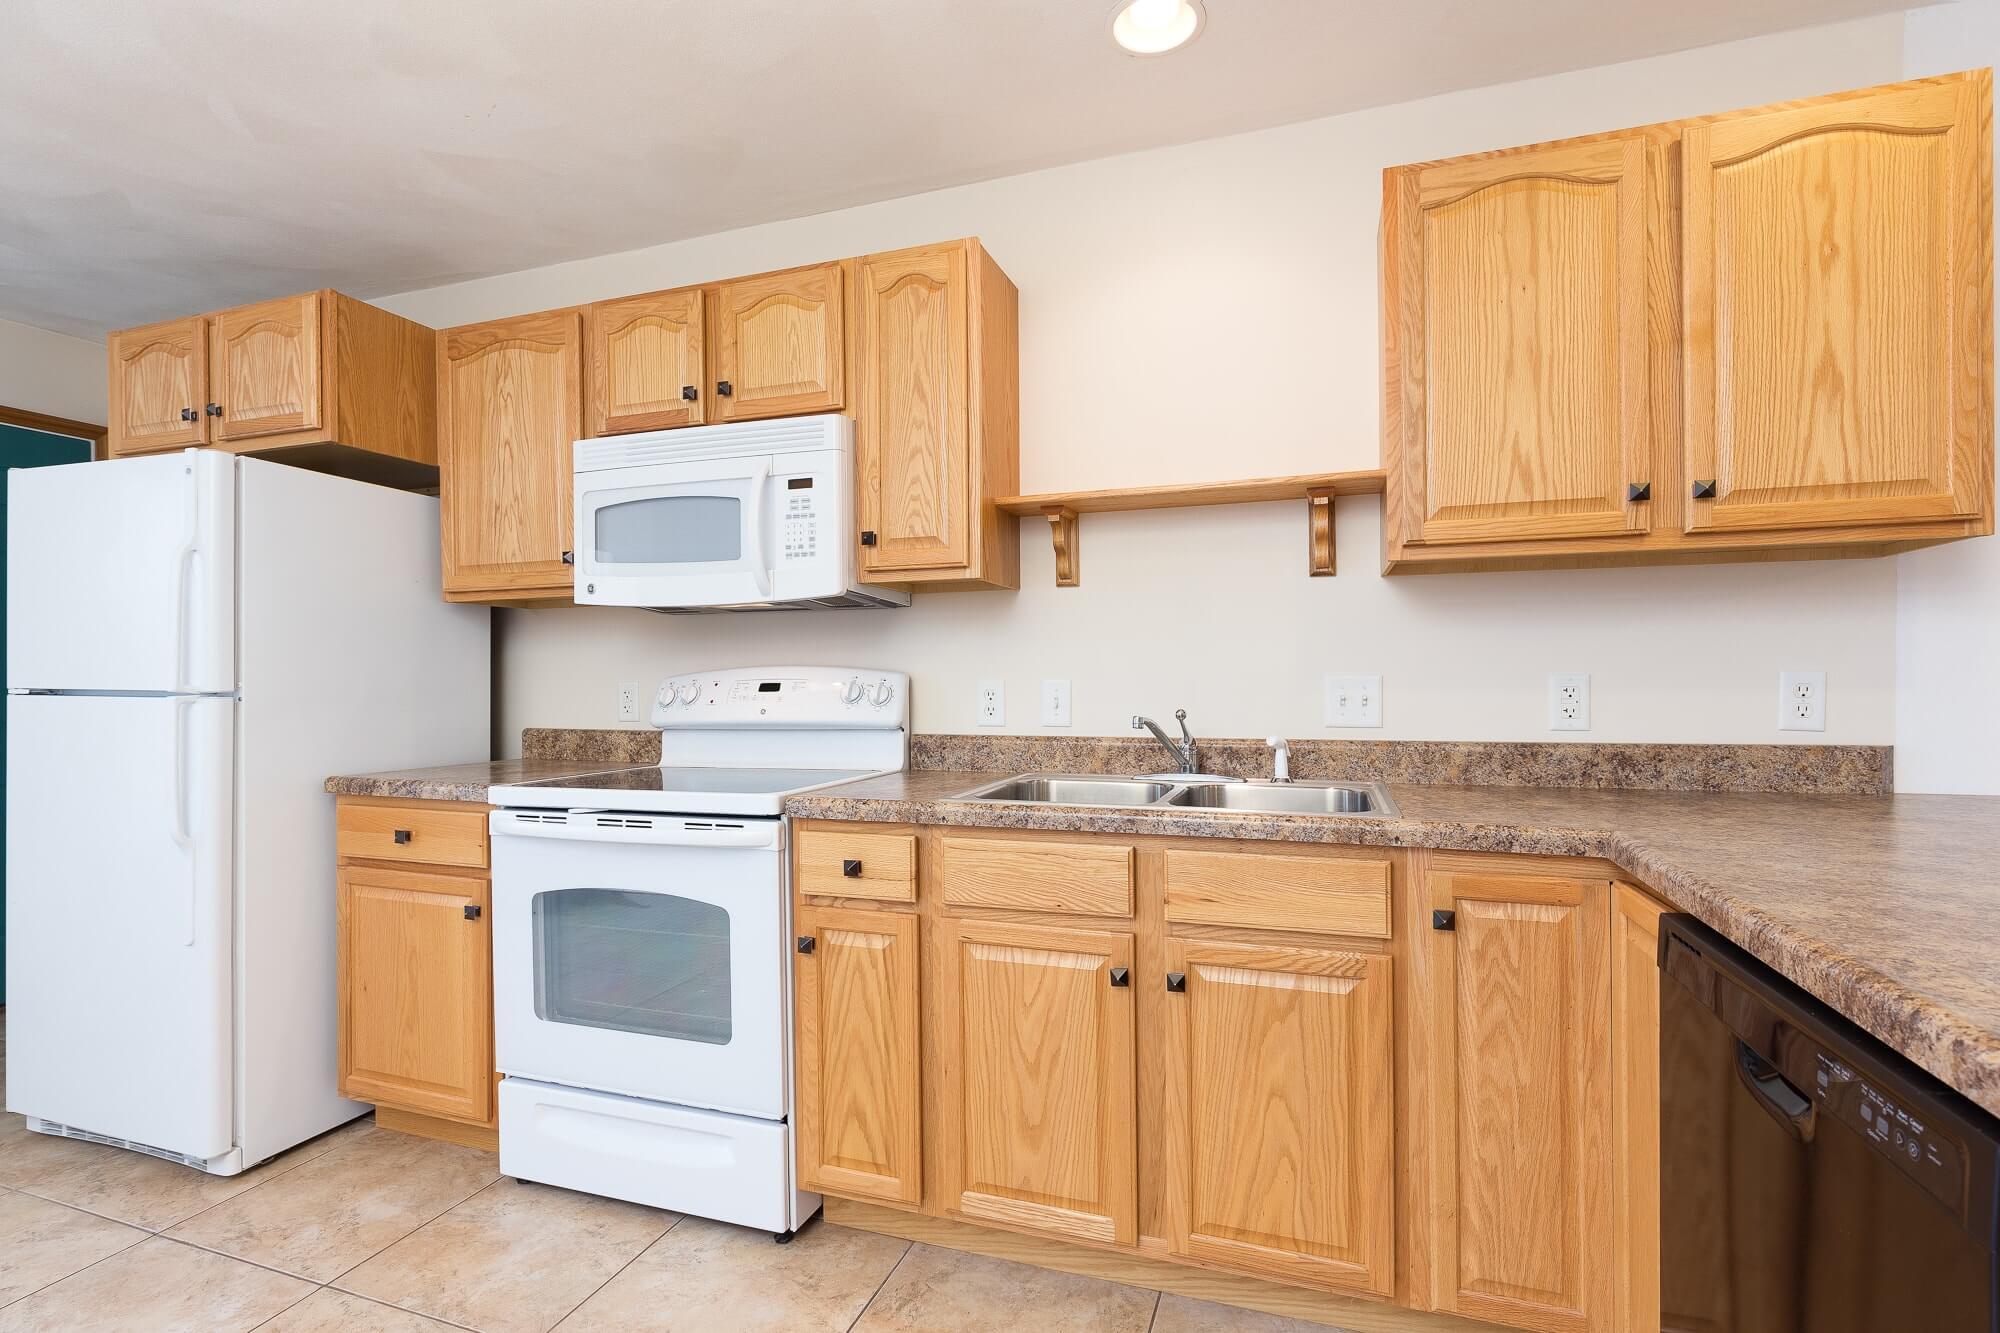 Swansea Illinois Apartments